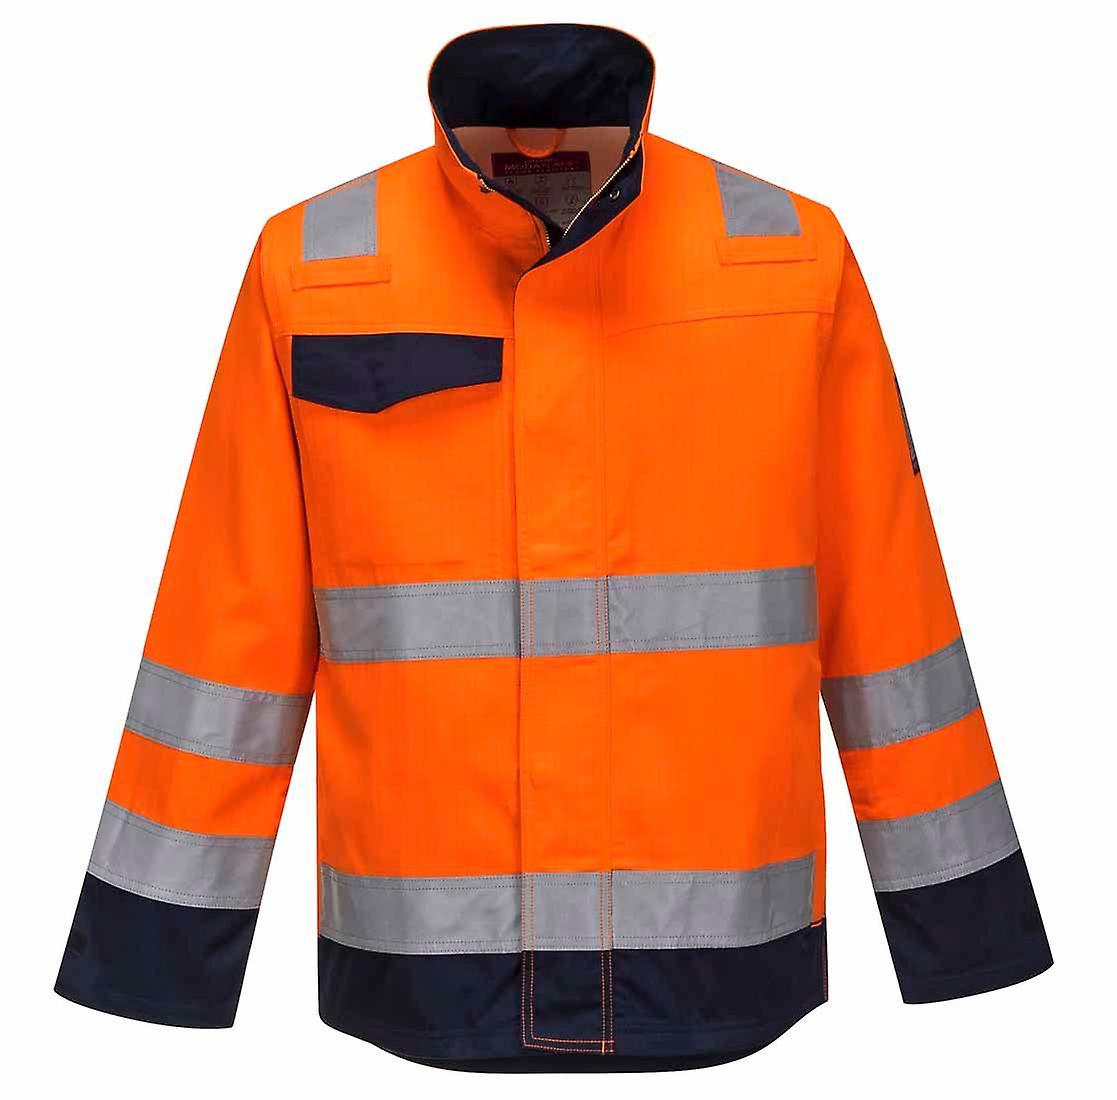 Portwest - Modaflame RIS Hi-Vis Safety Workwear Jacket